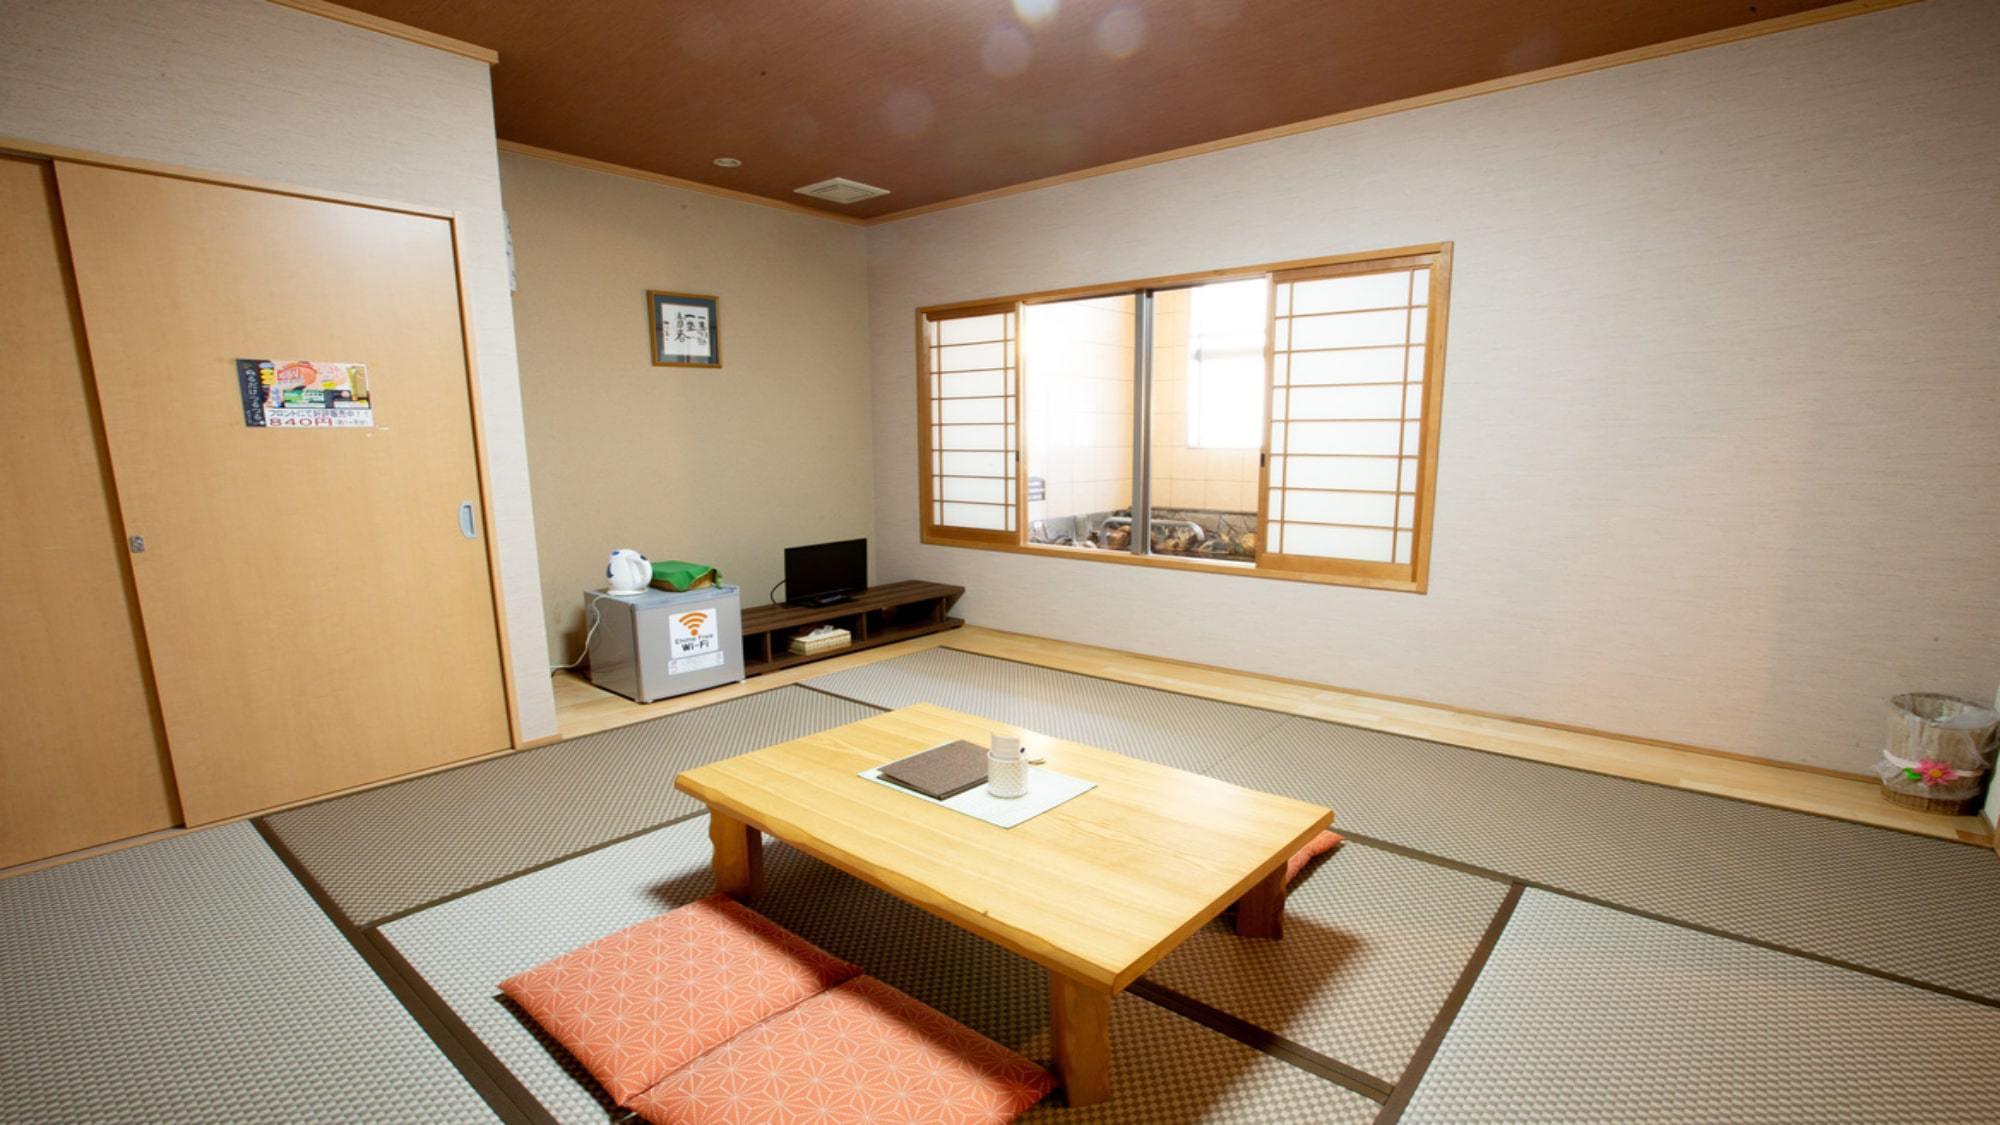 【橙/だいだい】和室8畳+専用内風呂付き(一例)